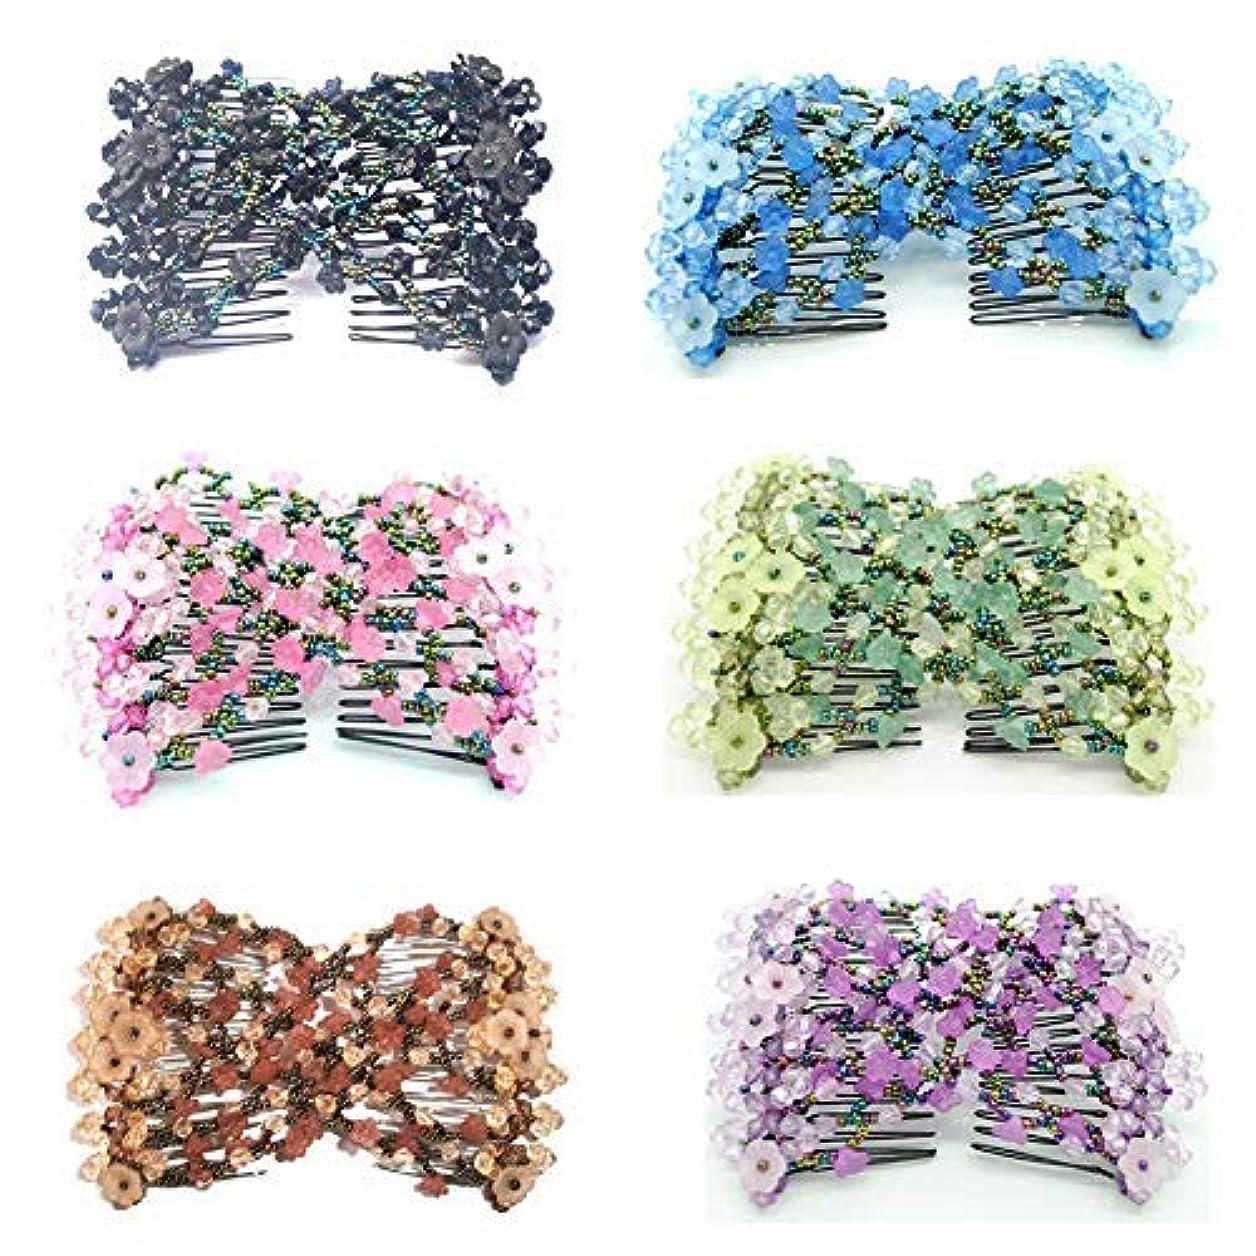 謎ソフィー警告Casualfashion 6Pcs Magic Ez Combs for Women Hair Bun Maker Accessories, Elastic Beaded Double Hair Clips Combs...